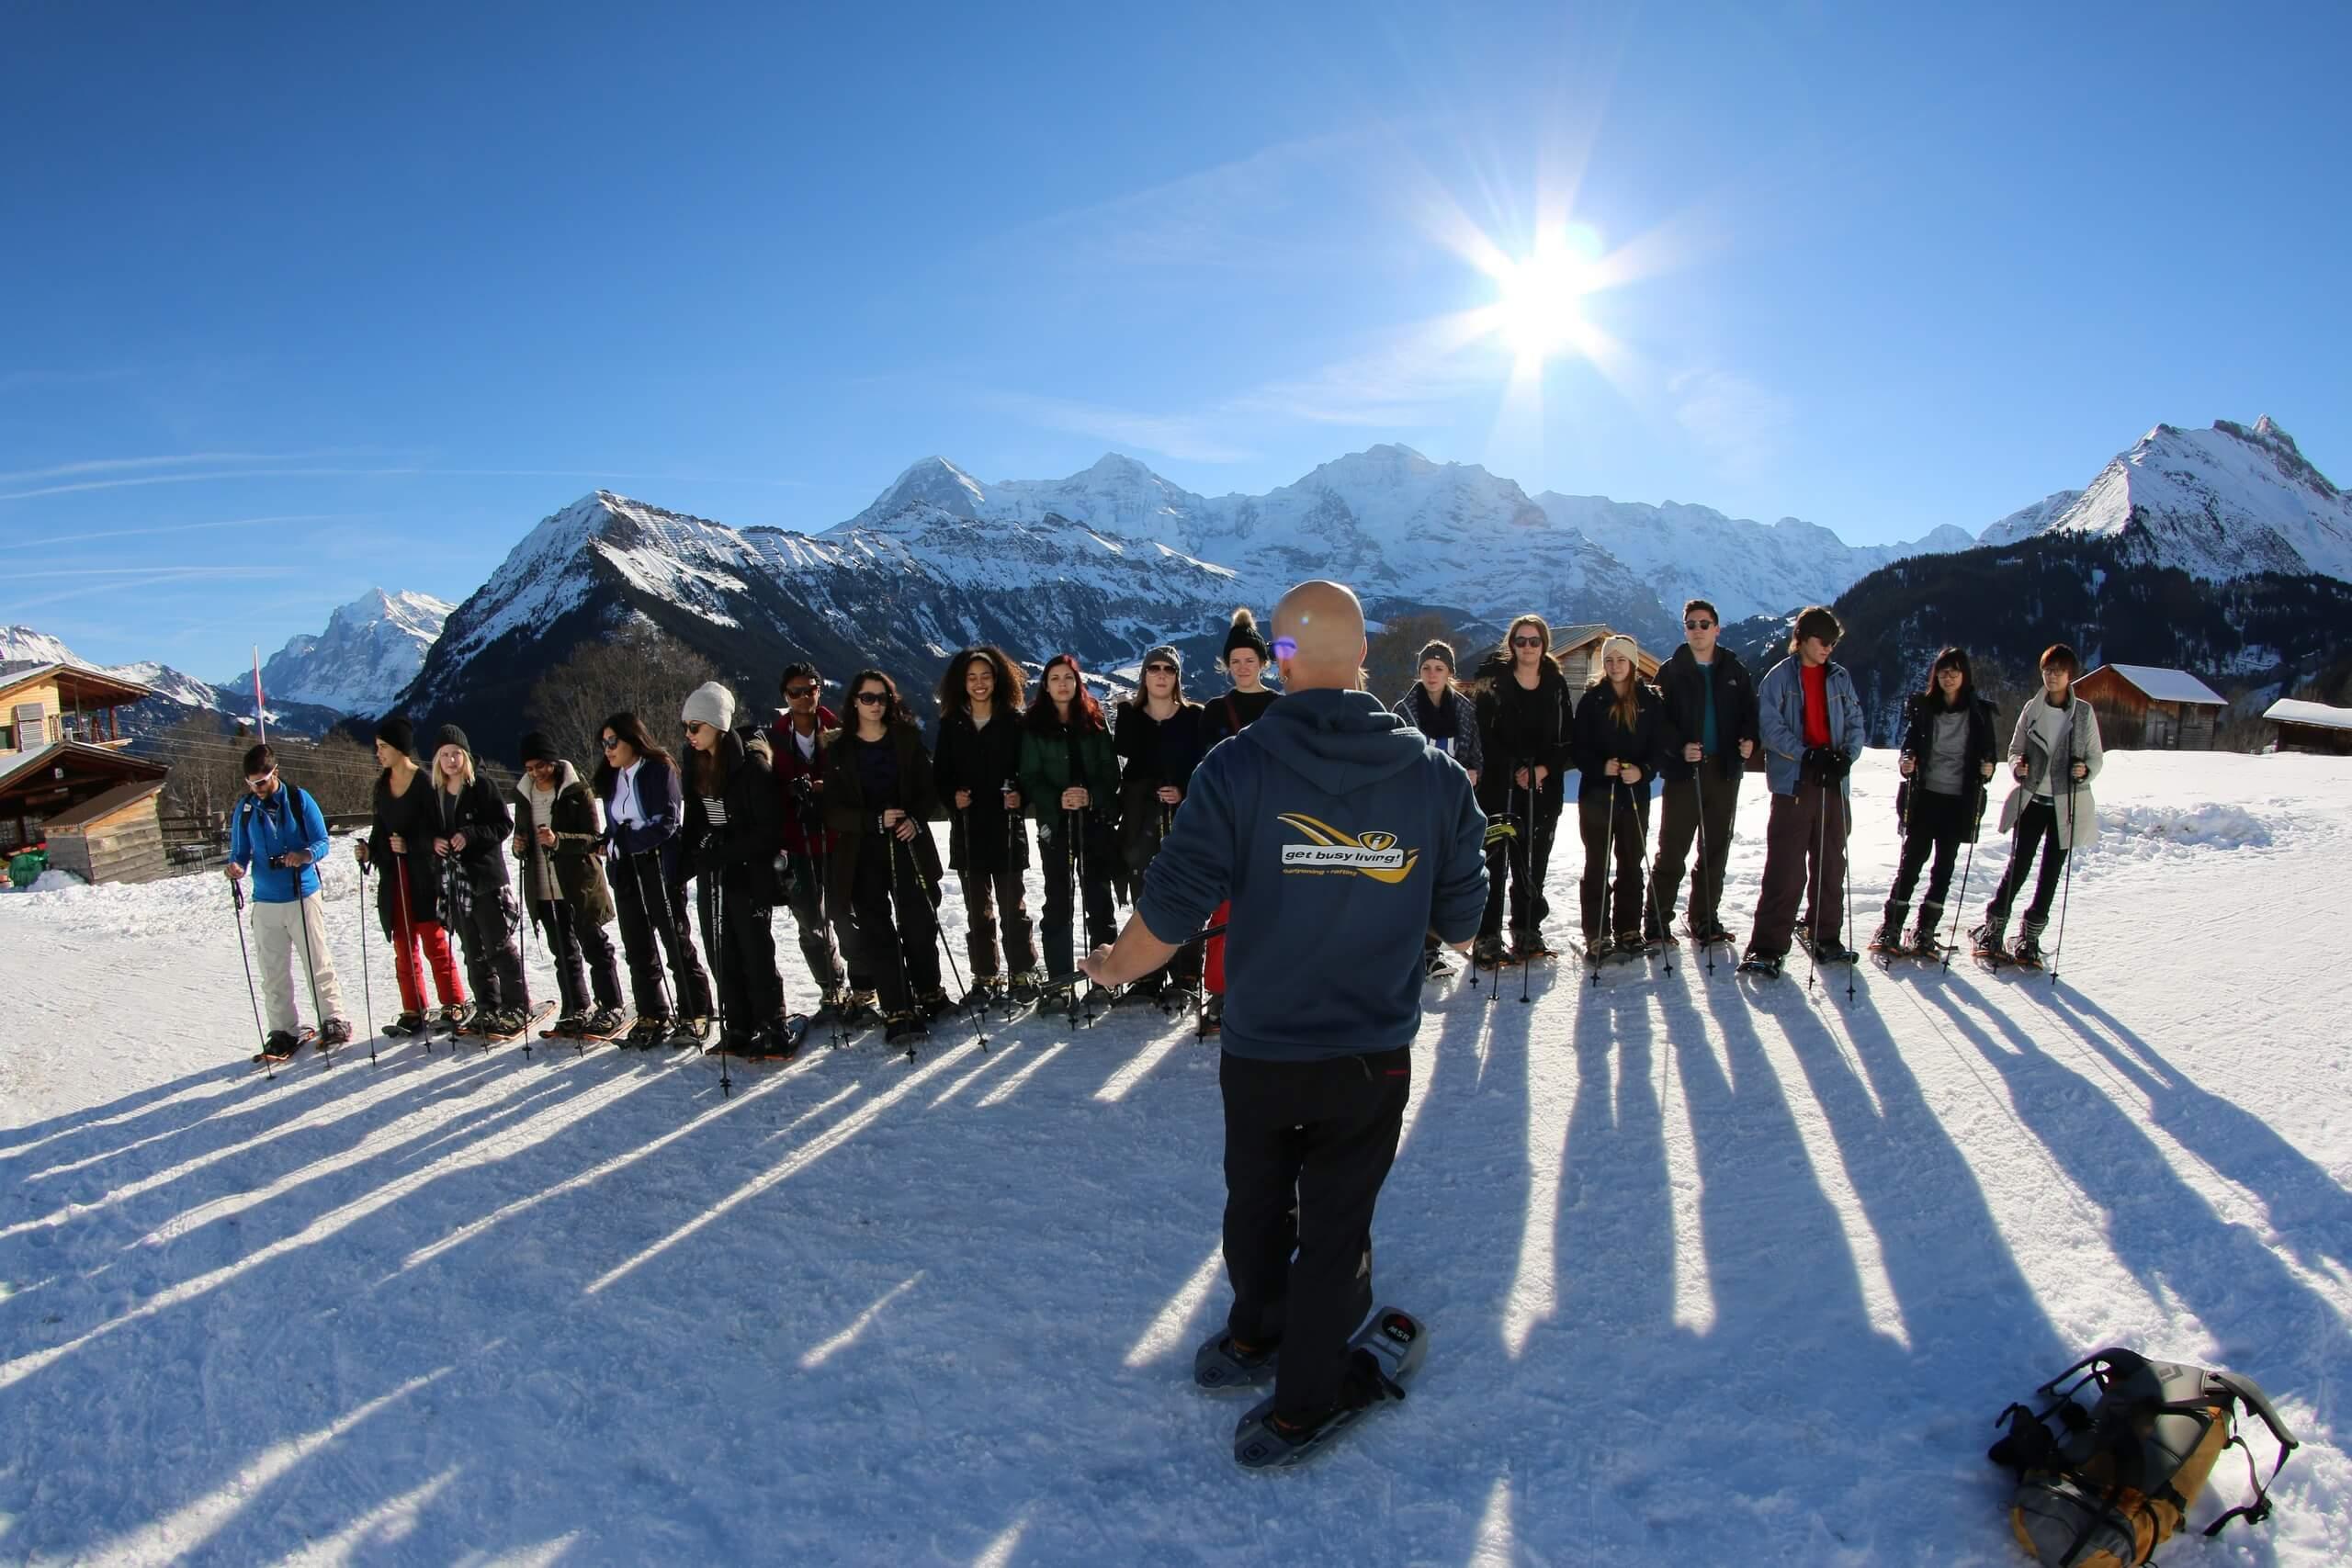 isenfluh-schneeschuhlaufen-gefuehrte-tour-outdoor-interlaken